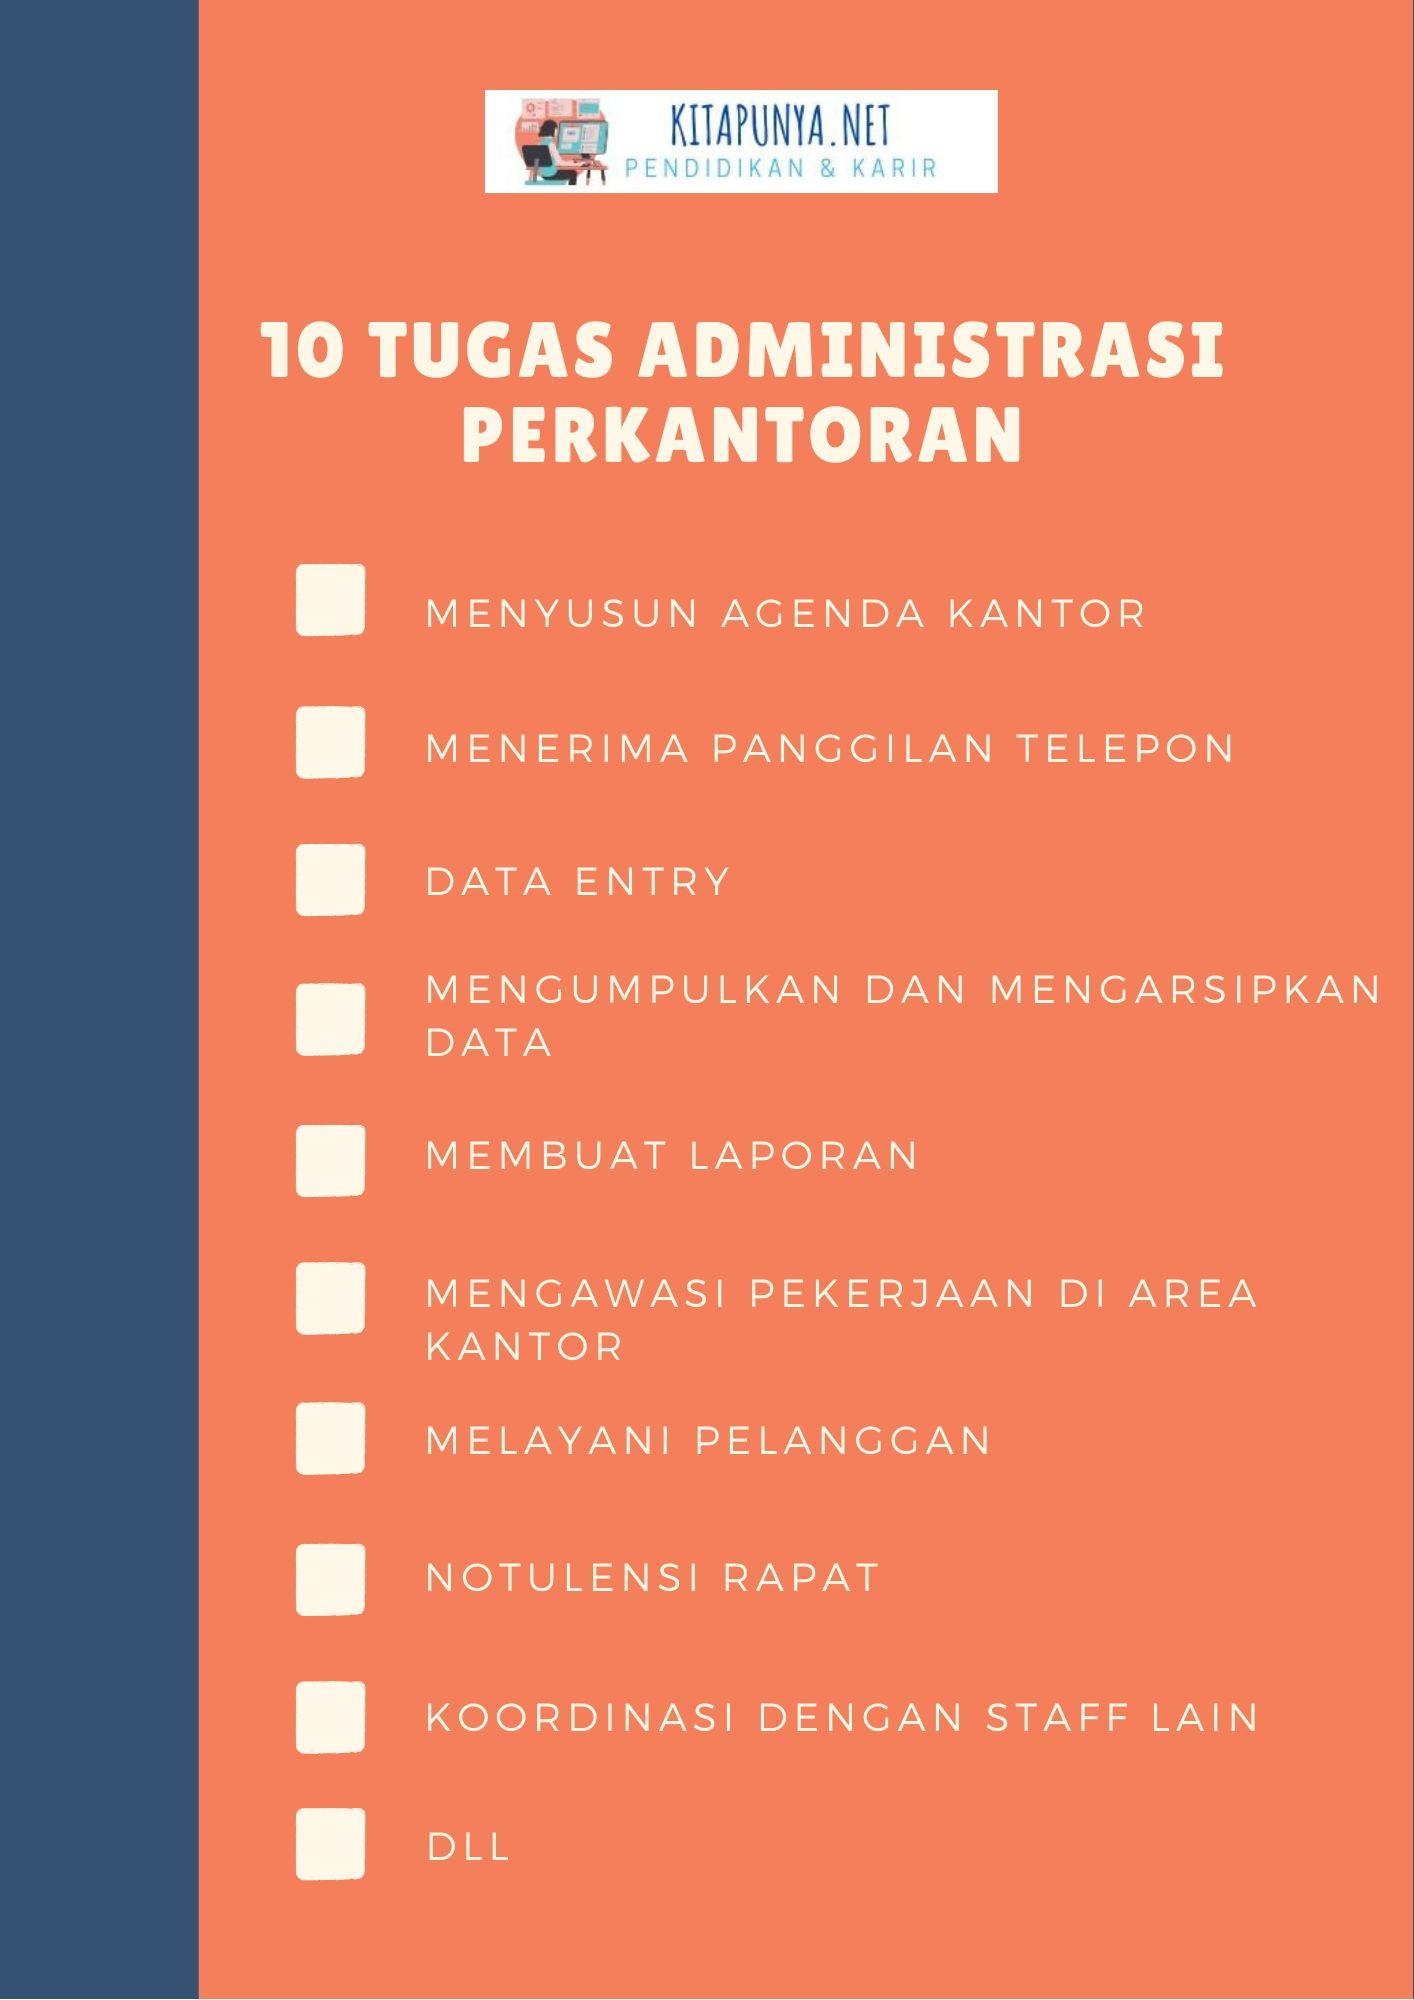 Tugas dan tanggung jawab administrasi perkantoran